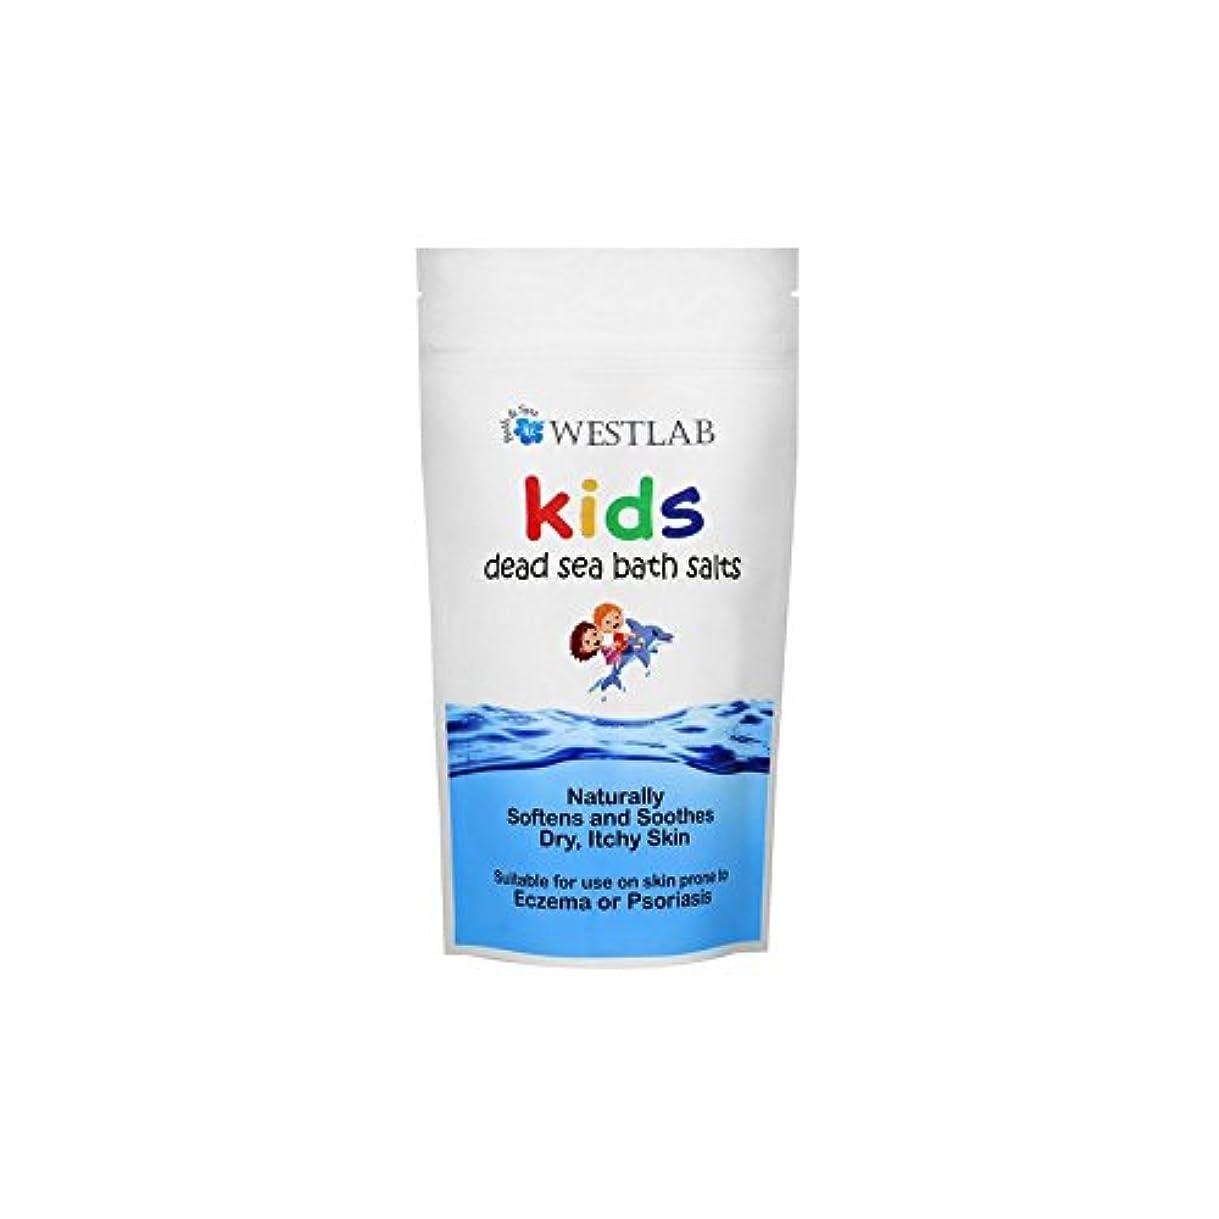 Westlab Kids Dead Sea Salt - 子供死海の塩 [並行輸入品]